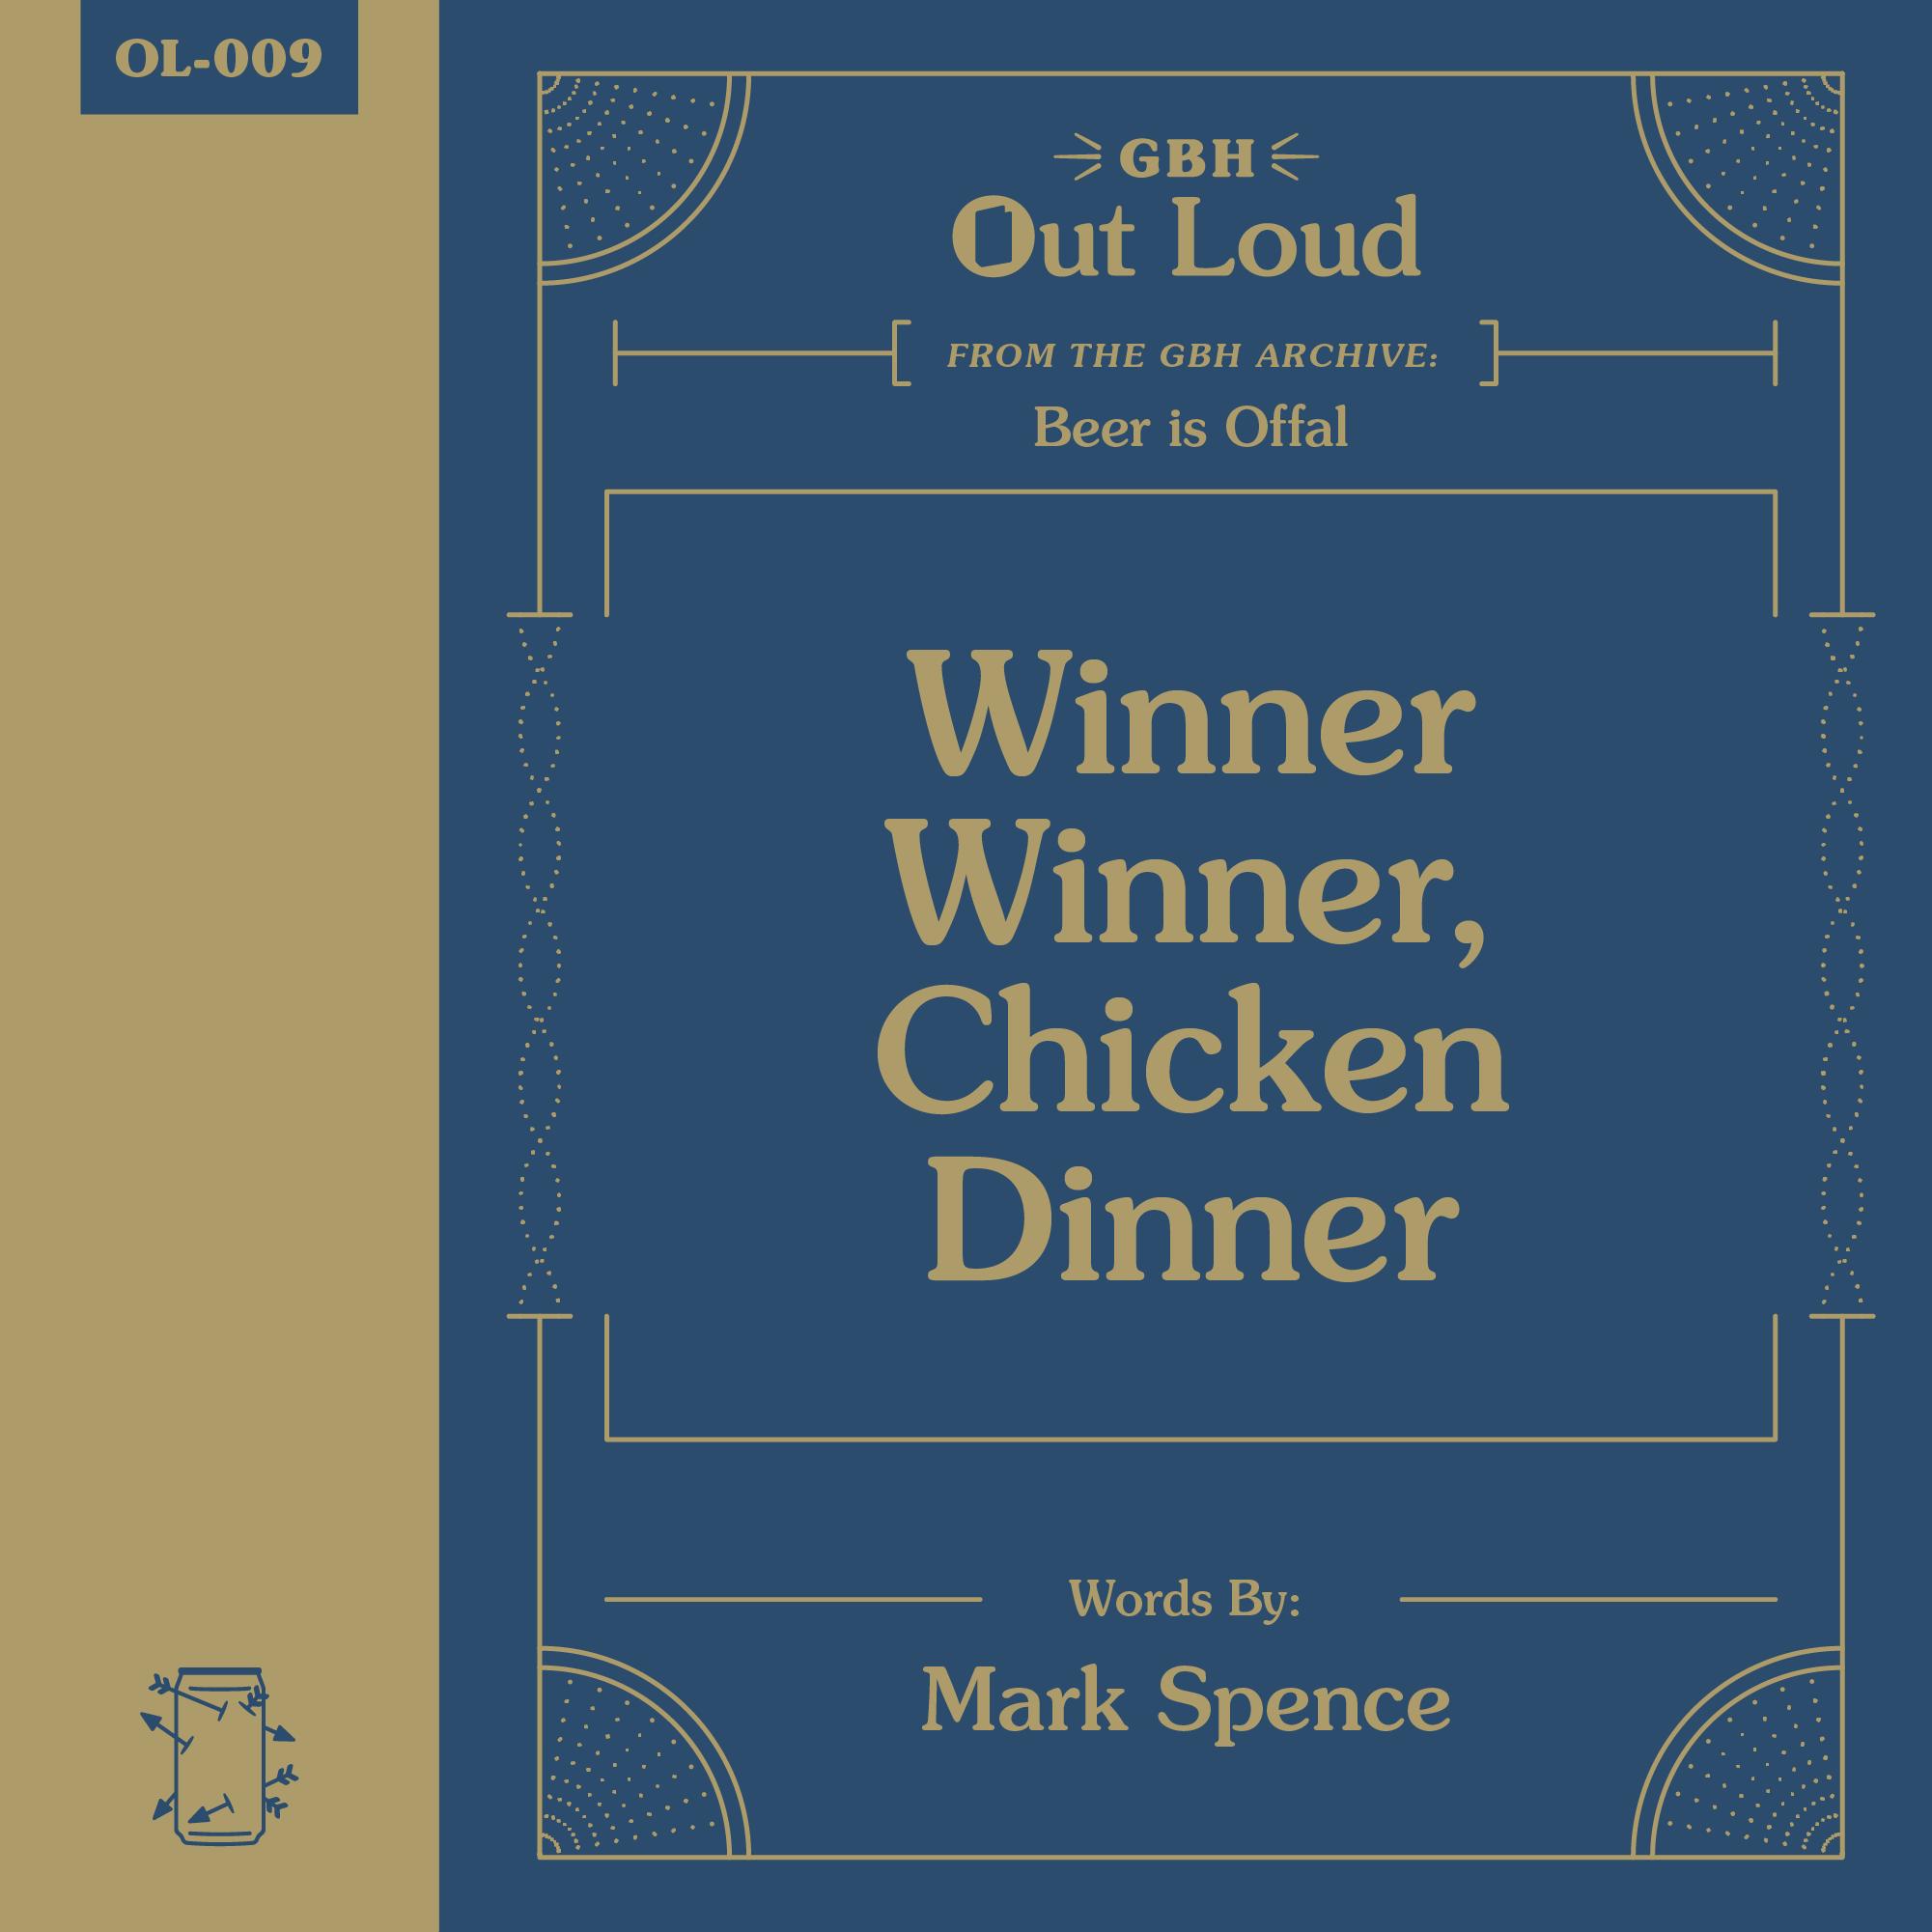 """OL-009 Mark Spence Reads """"Winner Winner Chicken Dinner"""" from Beer is Offal"""